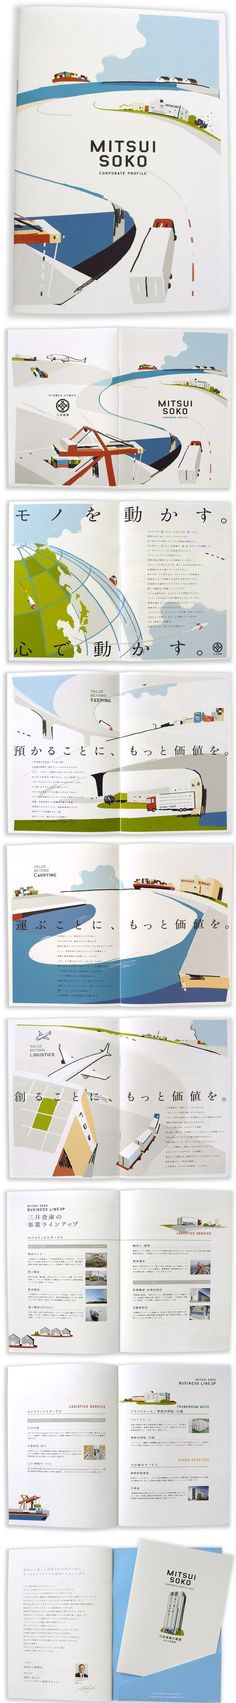 三井倉庫 パンフレット Gfx Design, Layout Design, Print Design, Design Editorial, Editorial Layout, Branding, Dm Poster, Pamphlet Design, Catalog Design